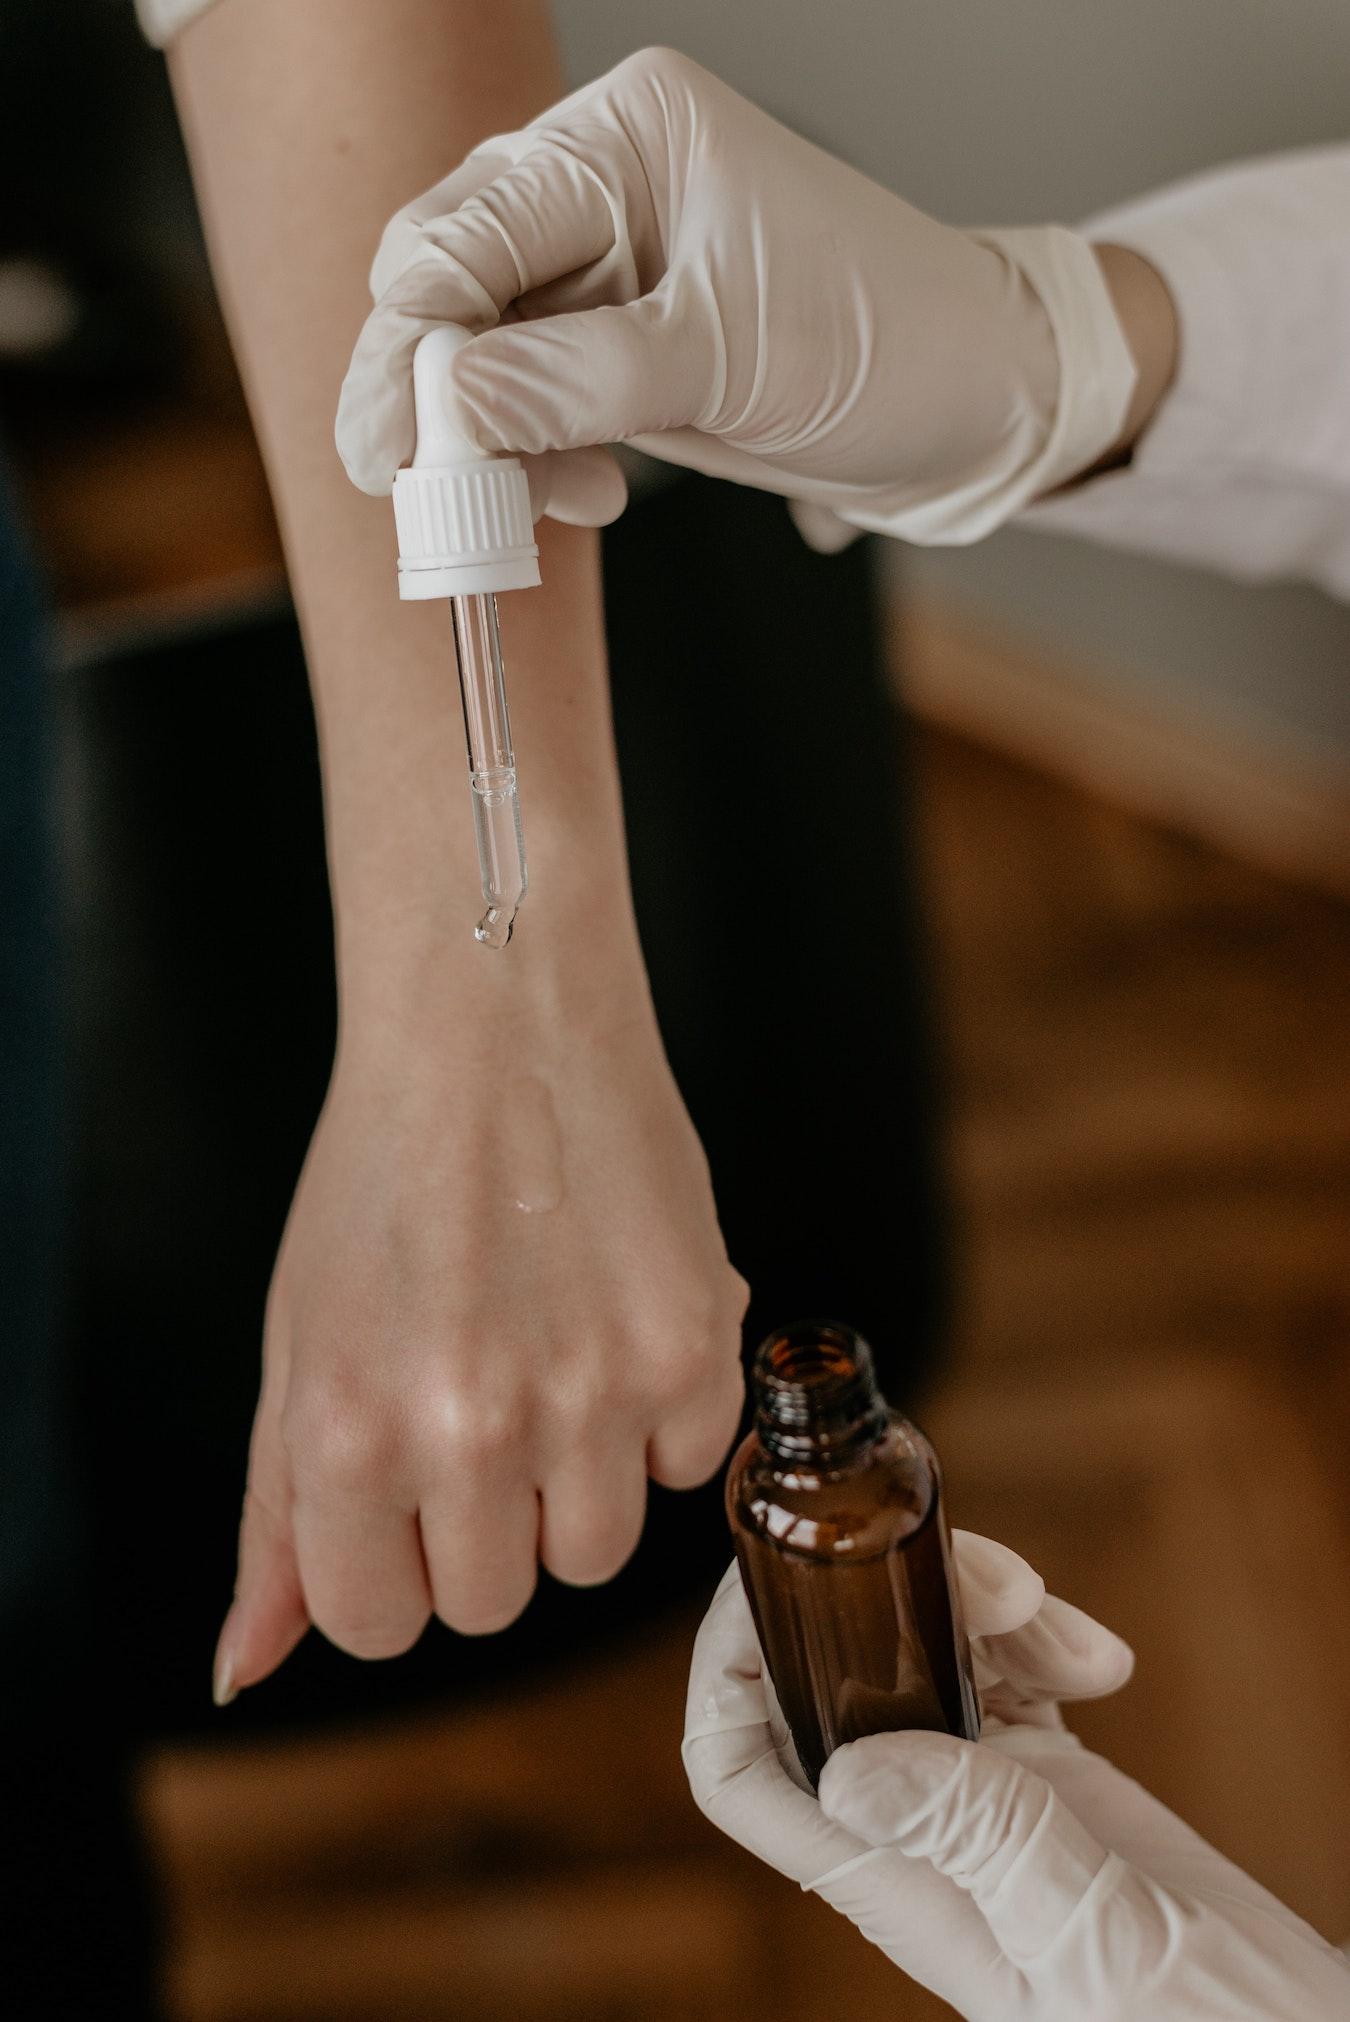 ätherisches Nelkenöl wird mit einer Pipette auf einen Arm getropft Hautpflege mit Öl